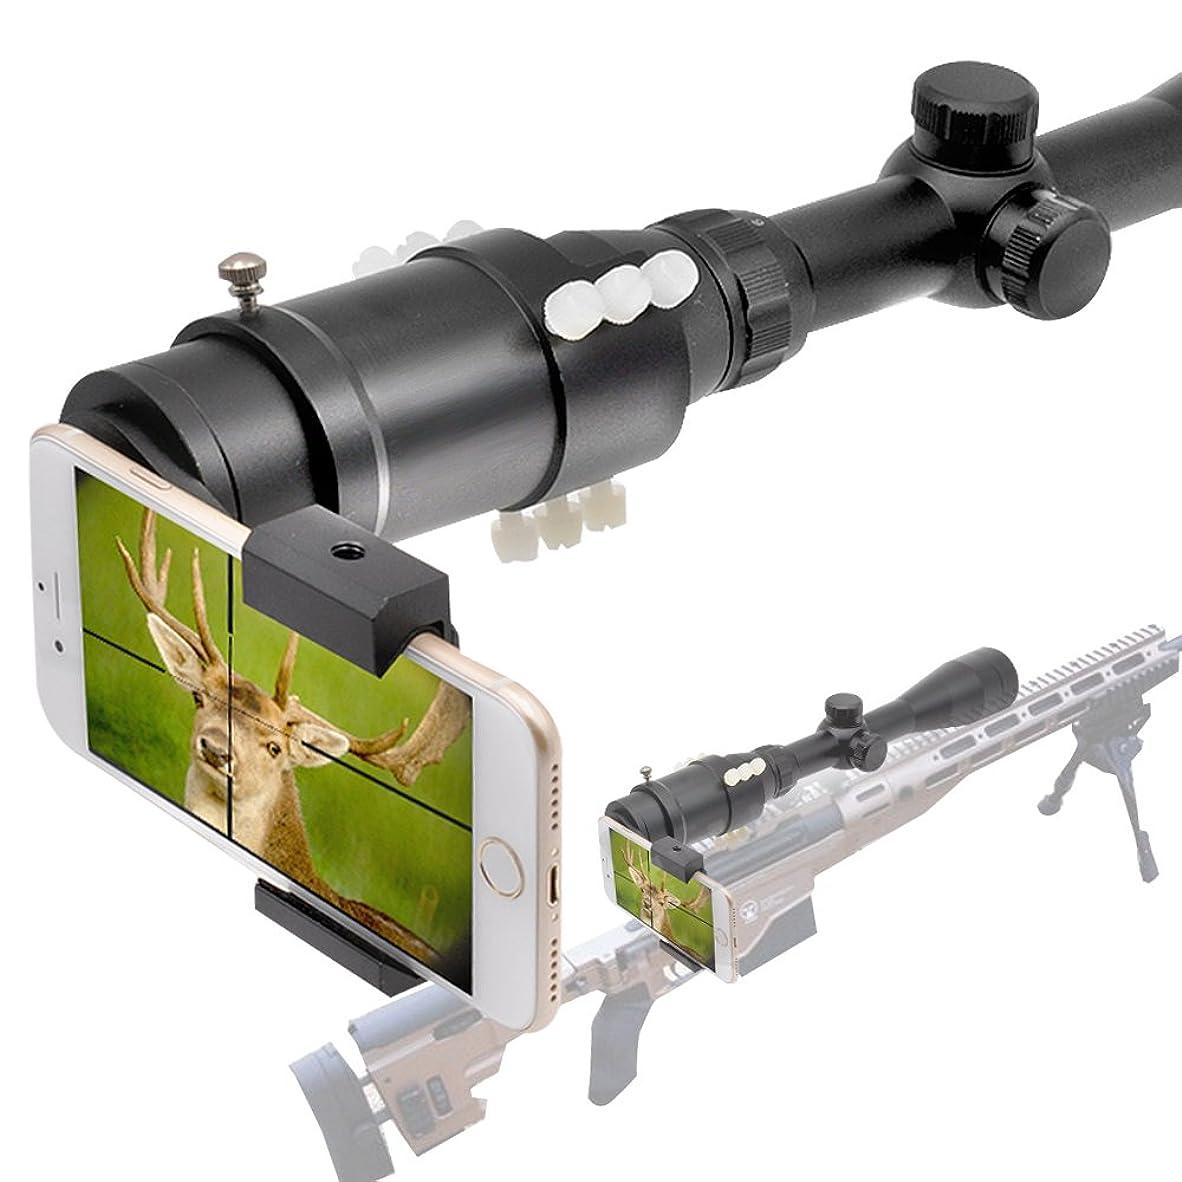 真剣に一方、きゅうりライフルスコープアダプタ - ライフルスコープ用スマートフォンアダプタ - ガンスコープ表示用アダプター - スマートフォン経由で狩りを記録する